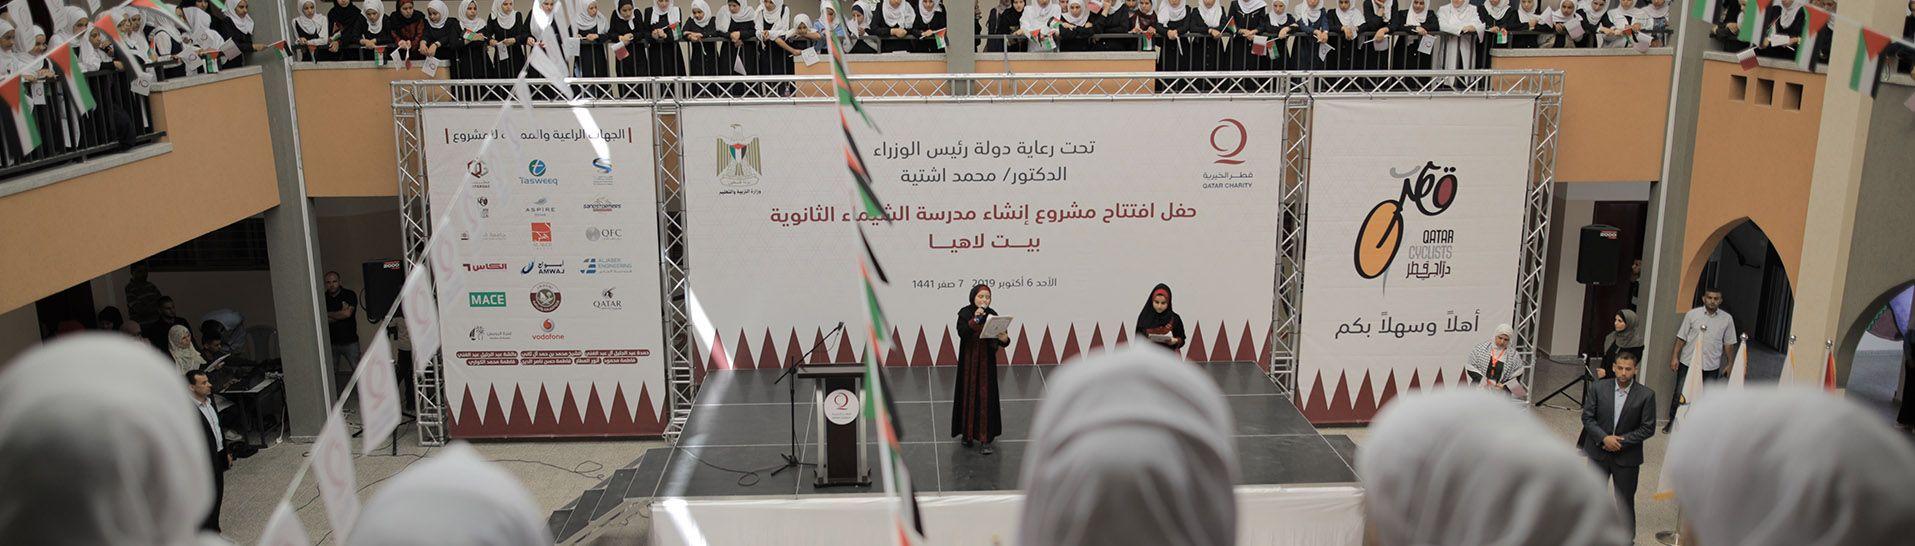 في اليوم العالمي لحماية التعليم من الهجمات قطر الخيرية مشاريع تعليمية International Day Charity Organizations International Charities